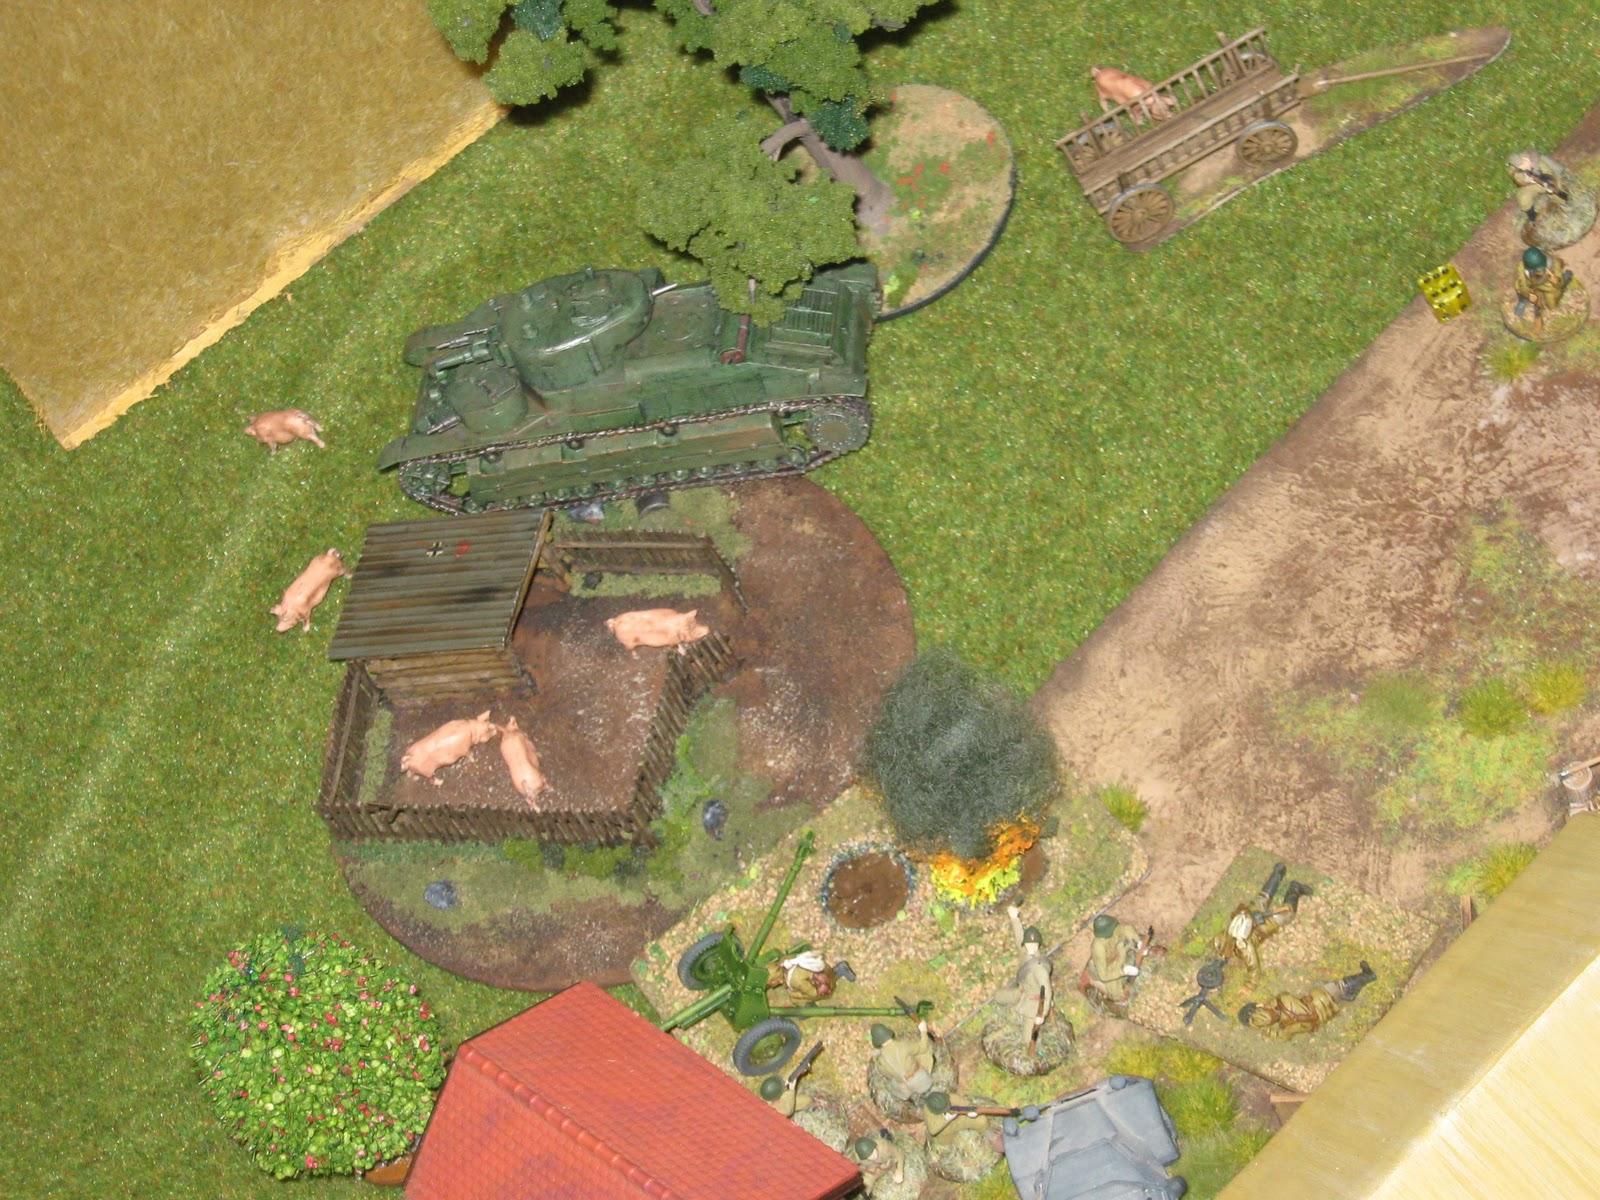 Oink, oink! German (?) pigs flee in terror.